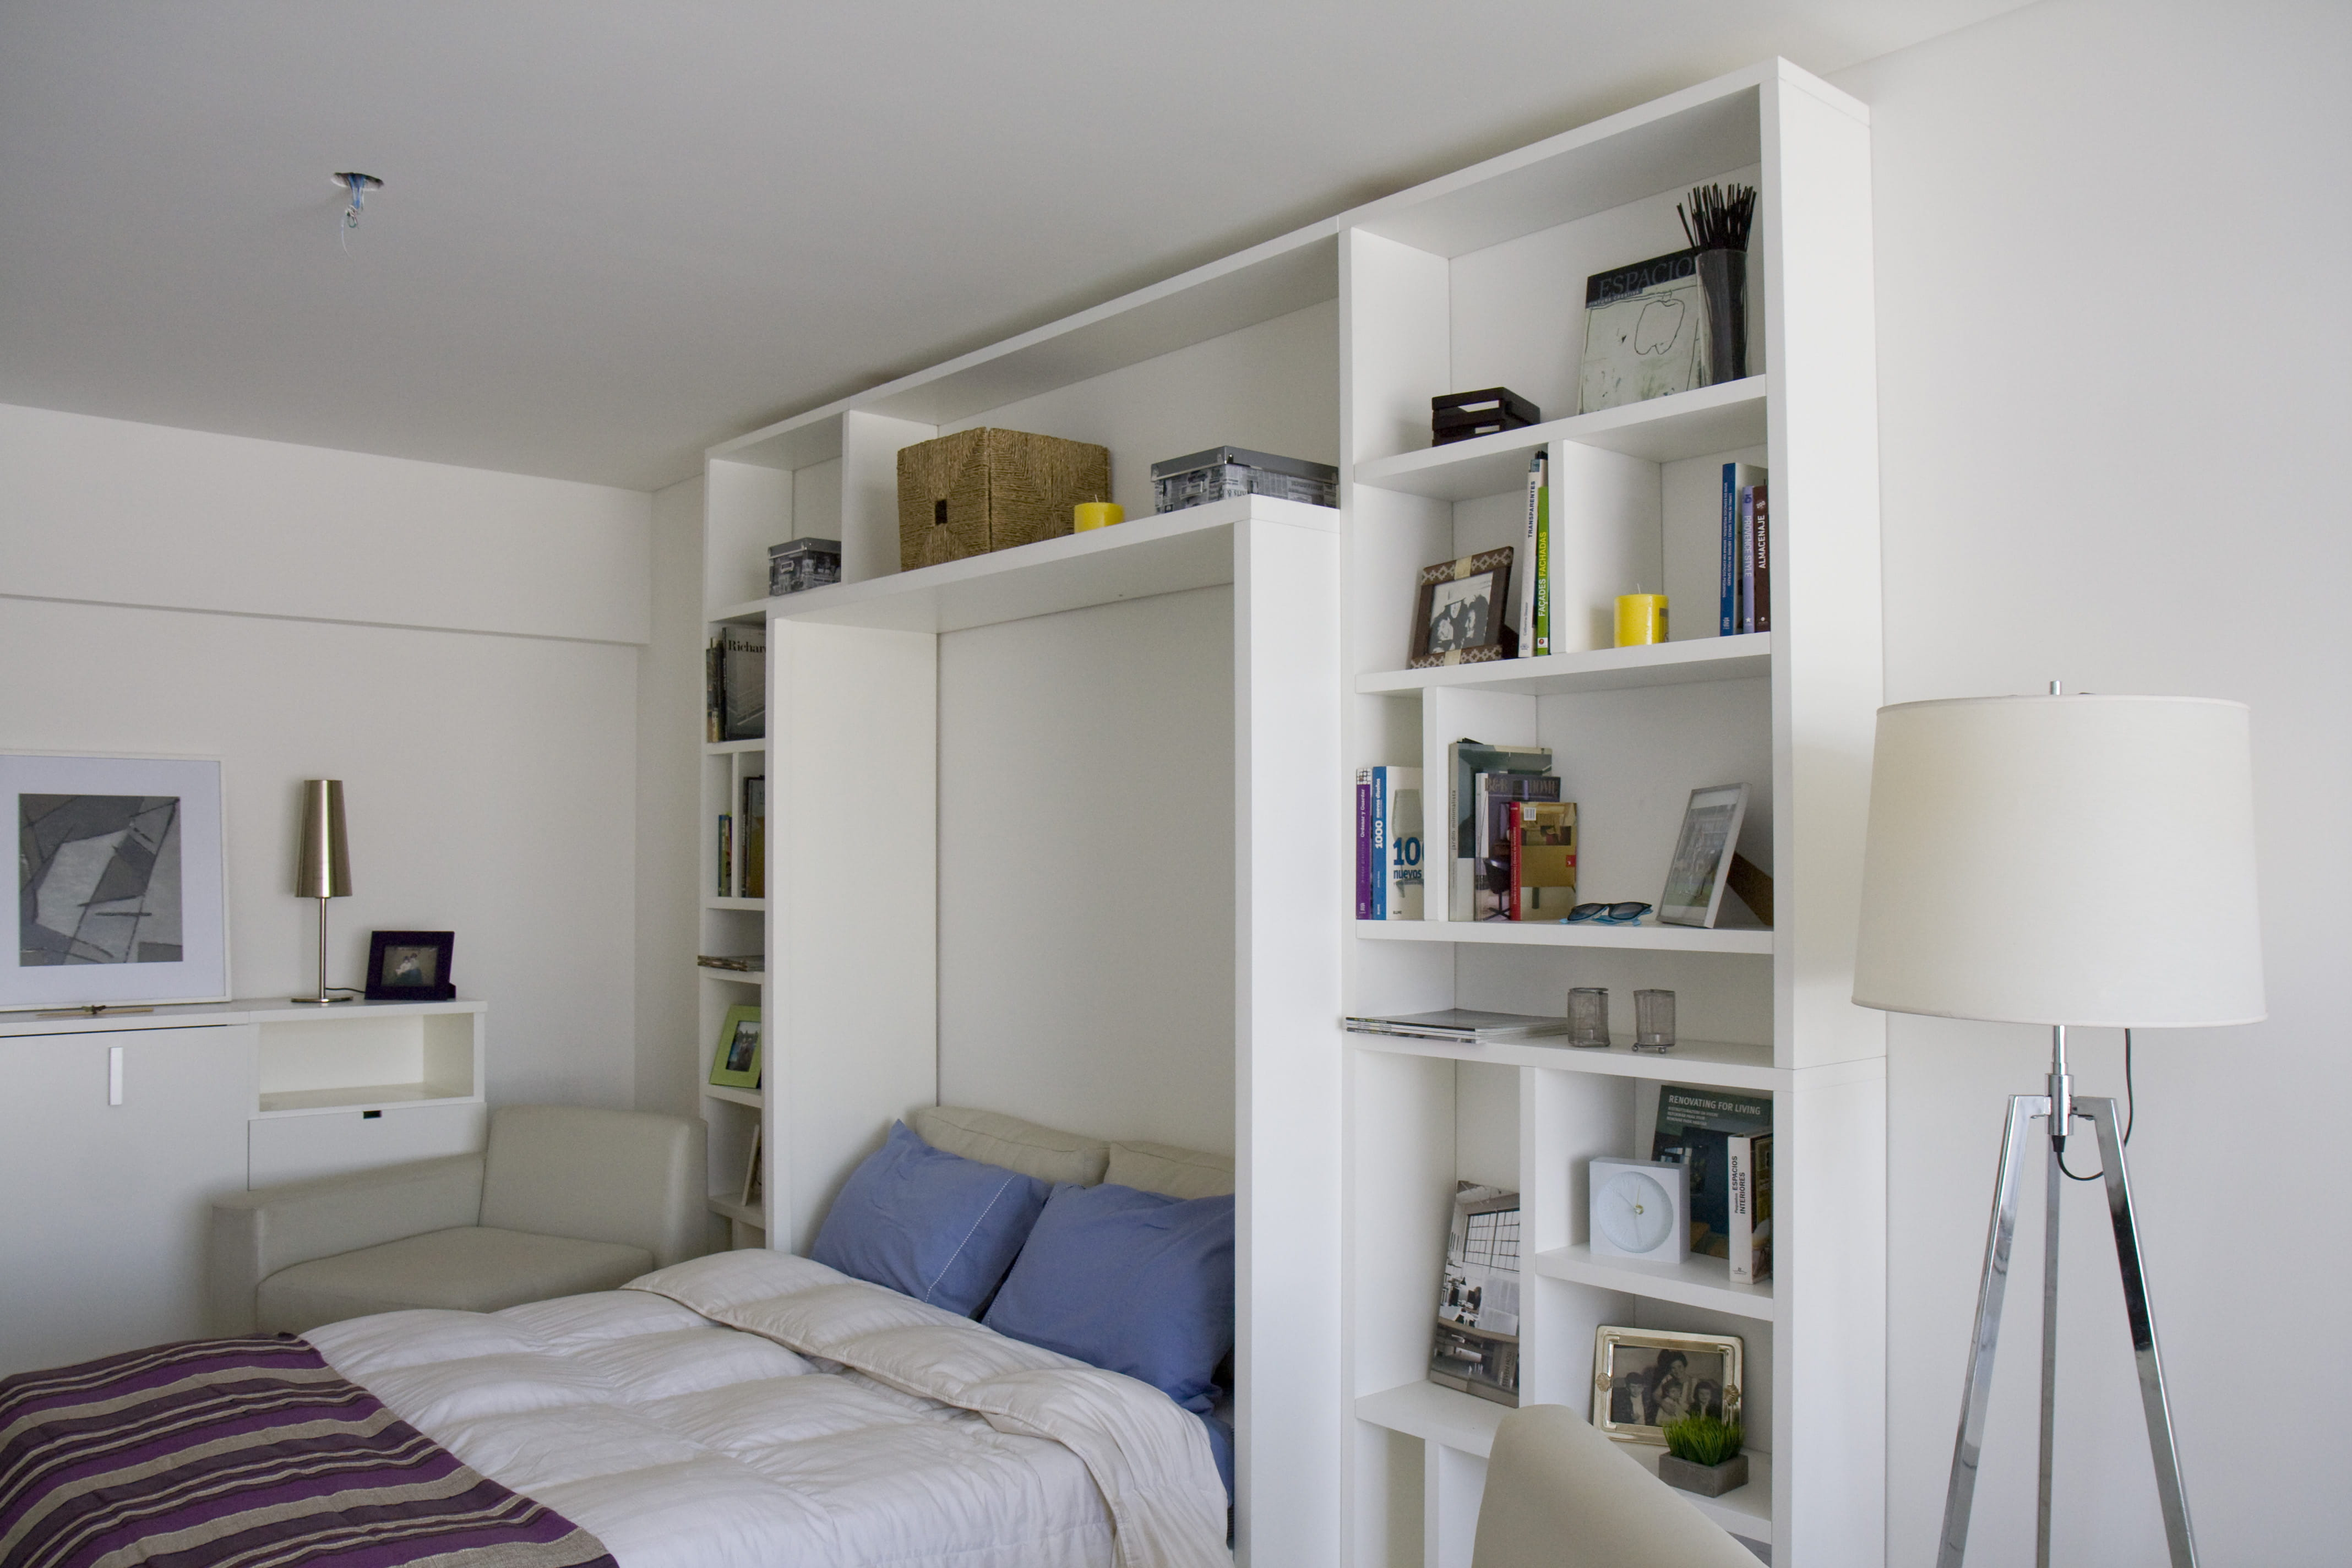 Premier Appartement aménager son premier appartement : conseils d'ami pour bien s'installer